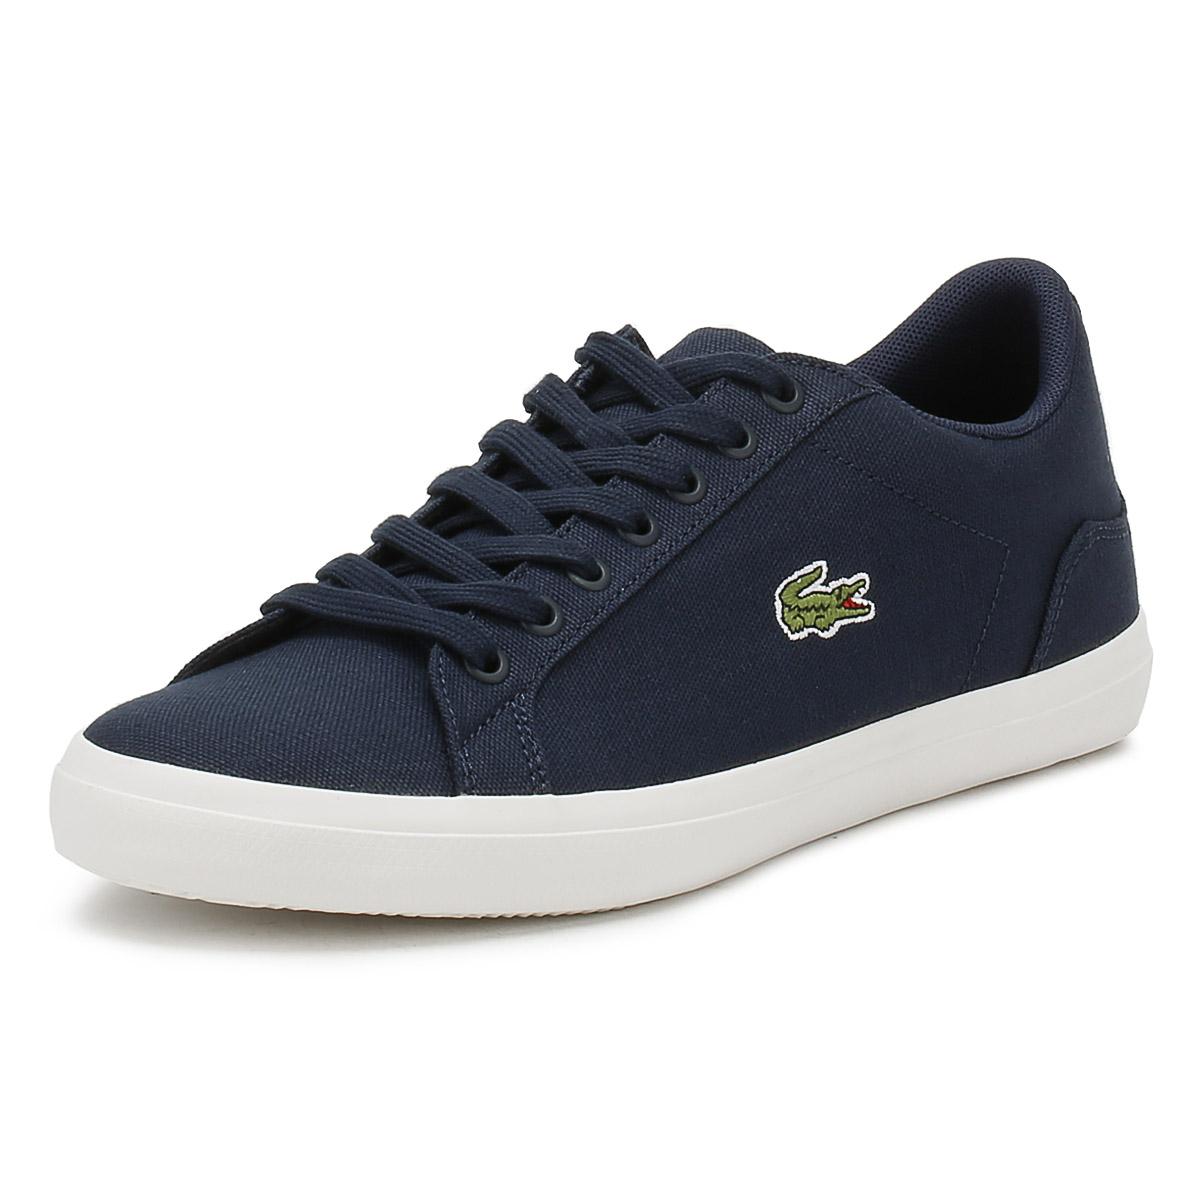 181cf8c374c97e Details about Lacoste Mens Trainers Navy Blue Lerond BL 2 CAM Sport Casual Canvas  Shoes